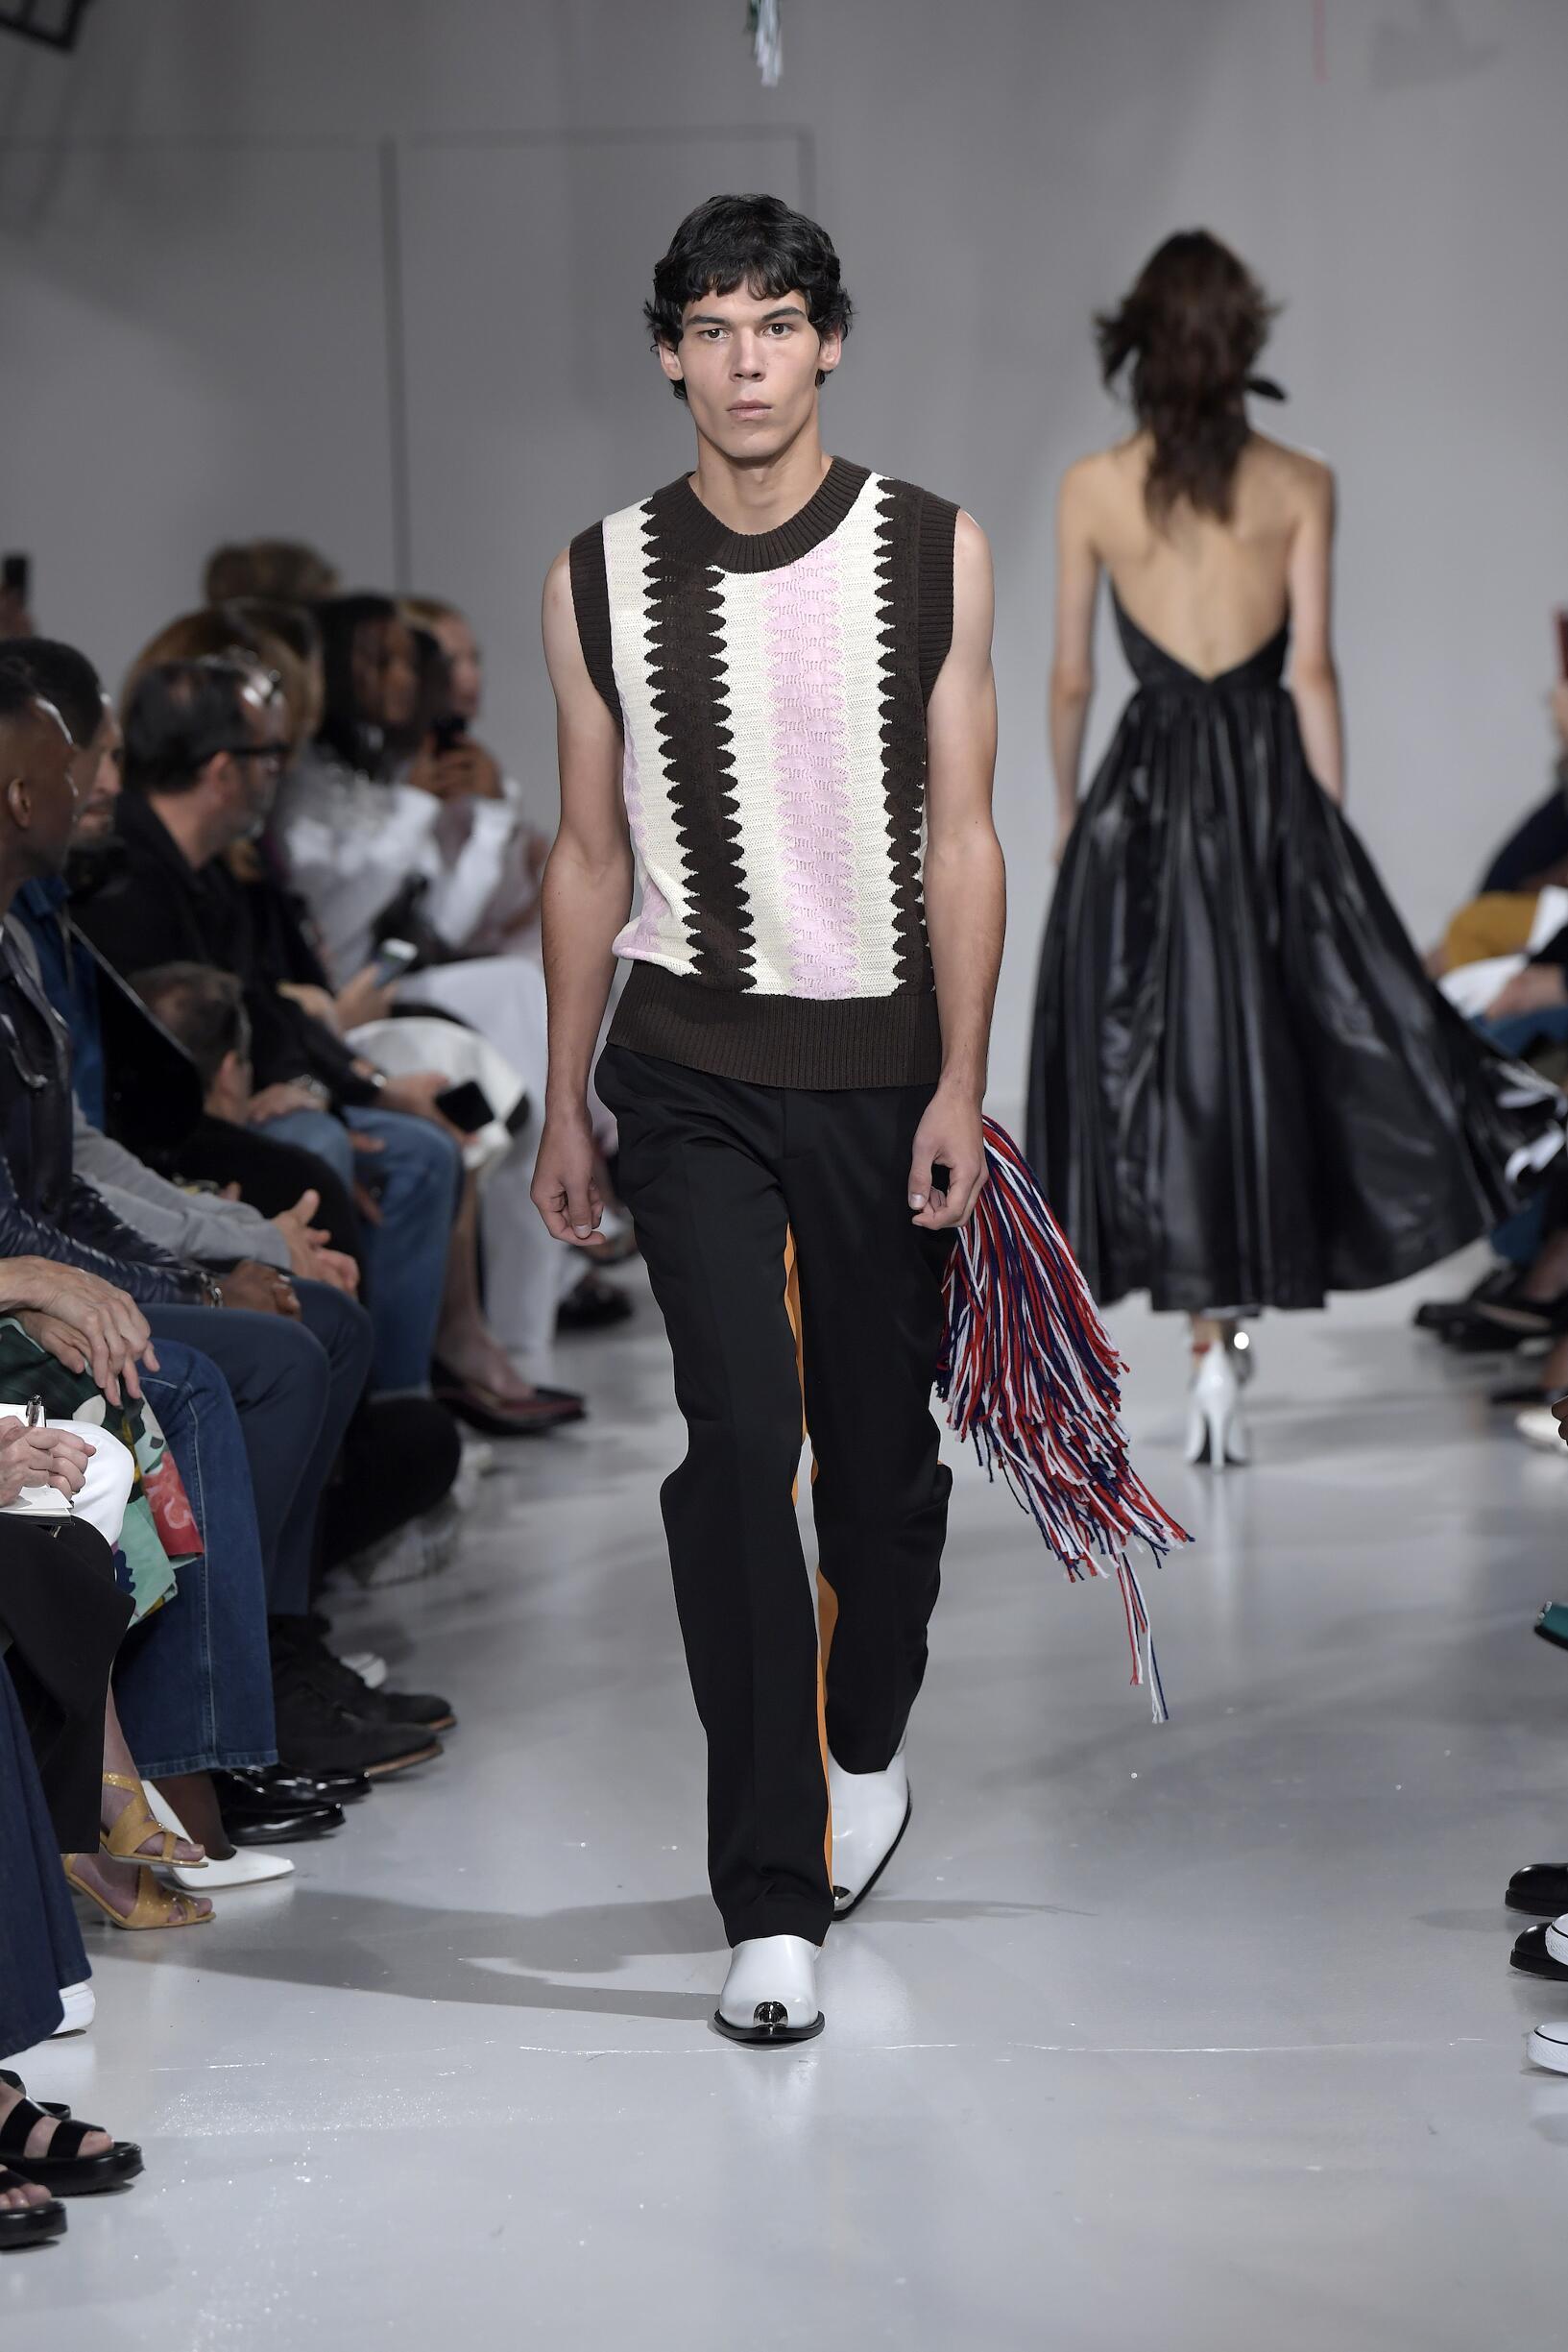 Fashion 2018 Runway Calvin Klein 205W39NYC Summer